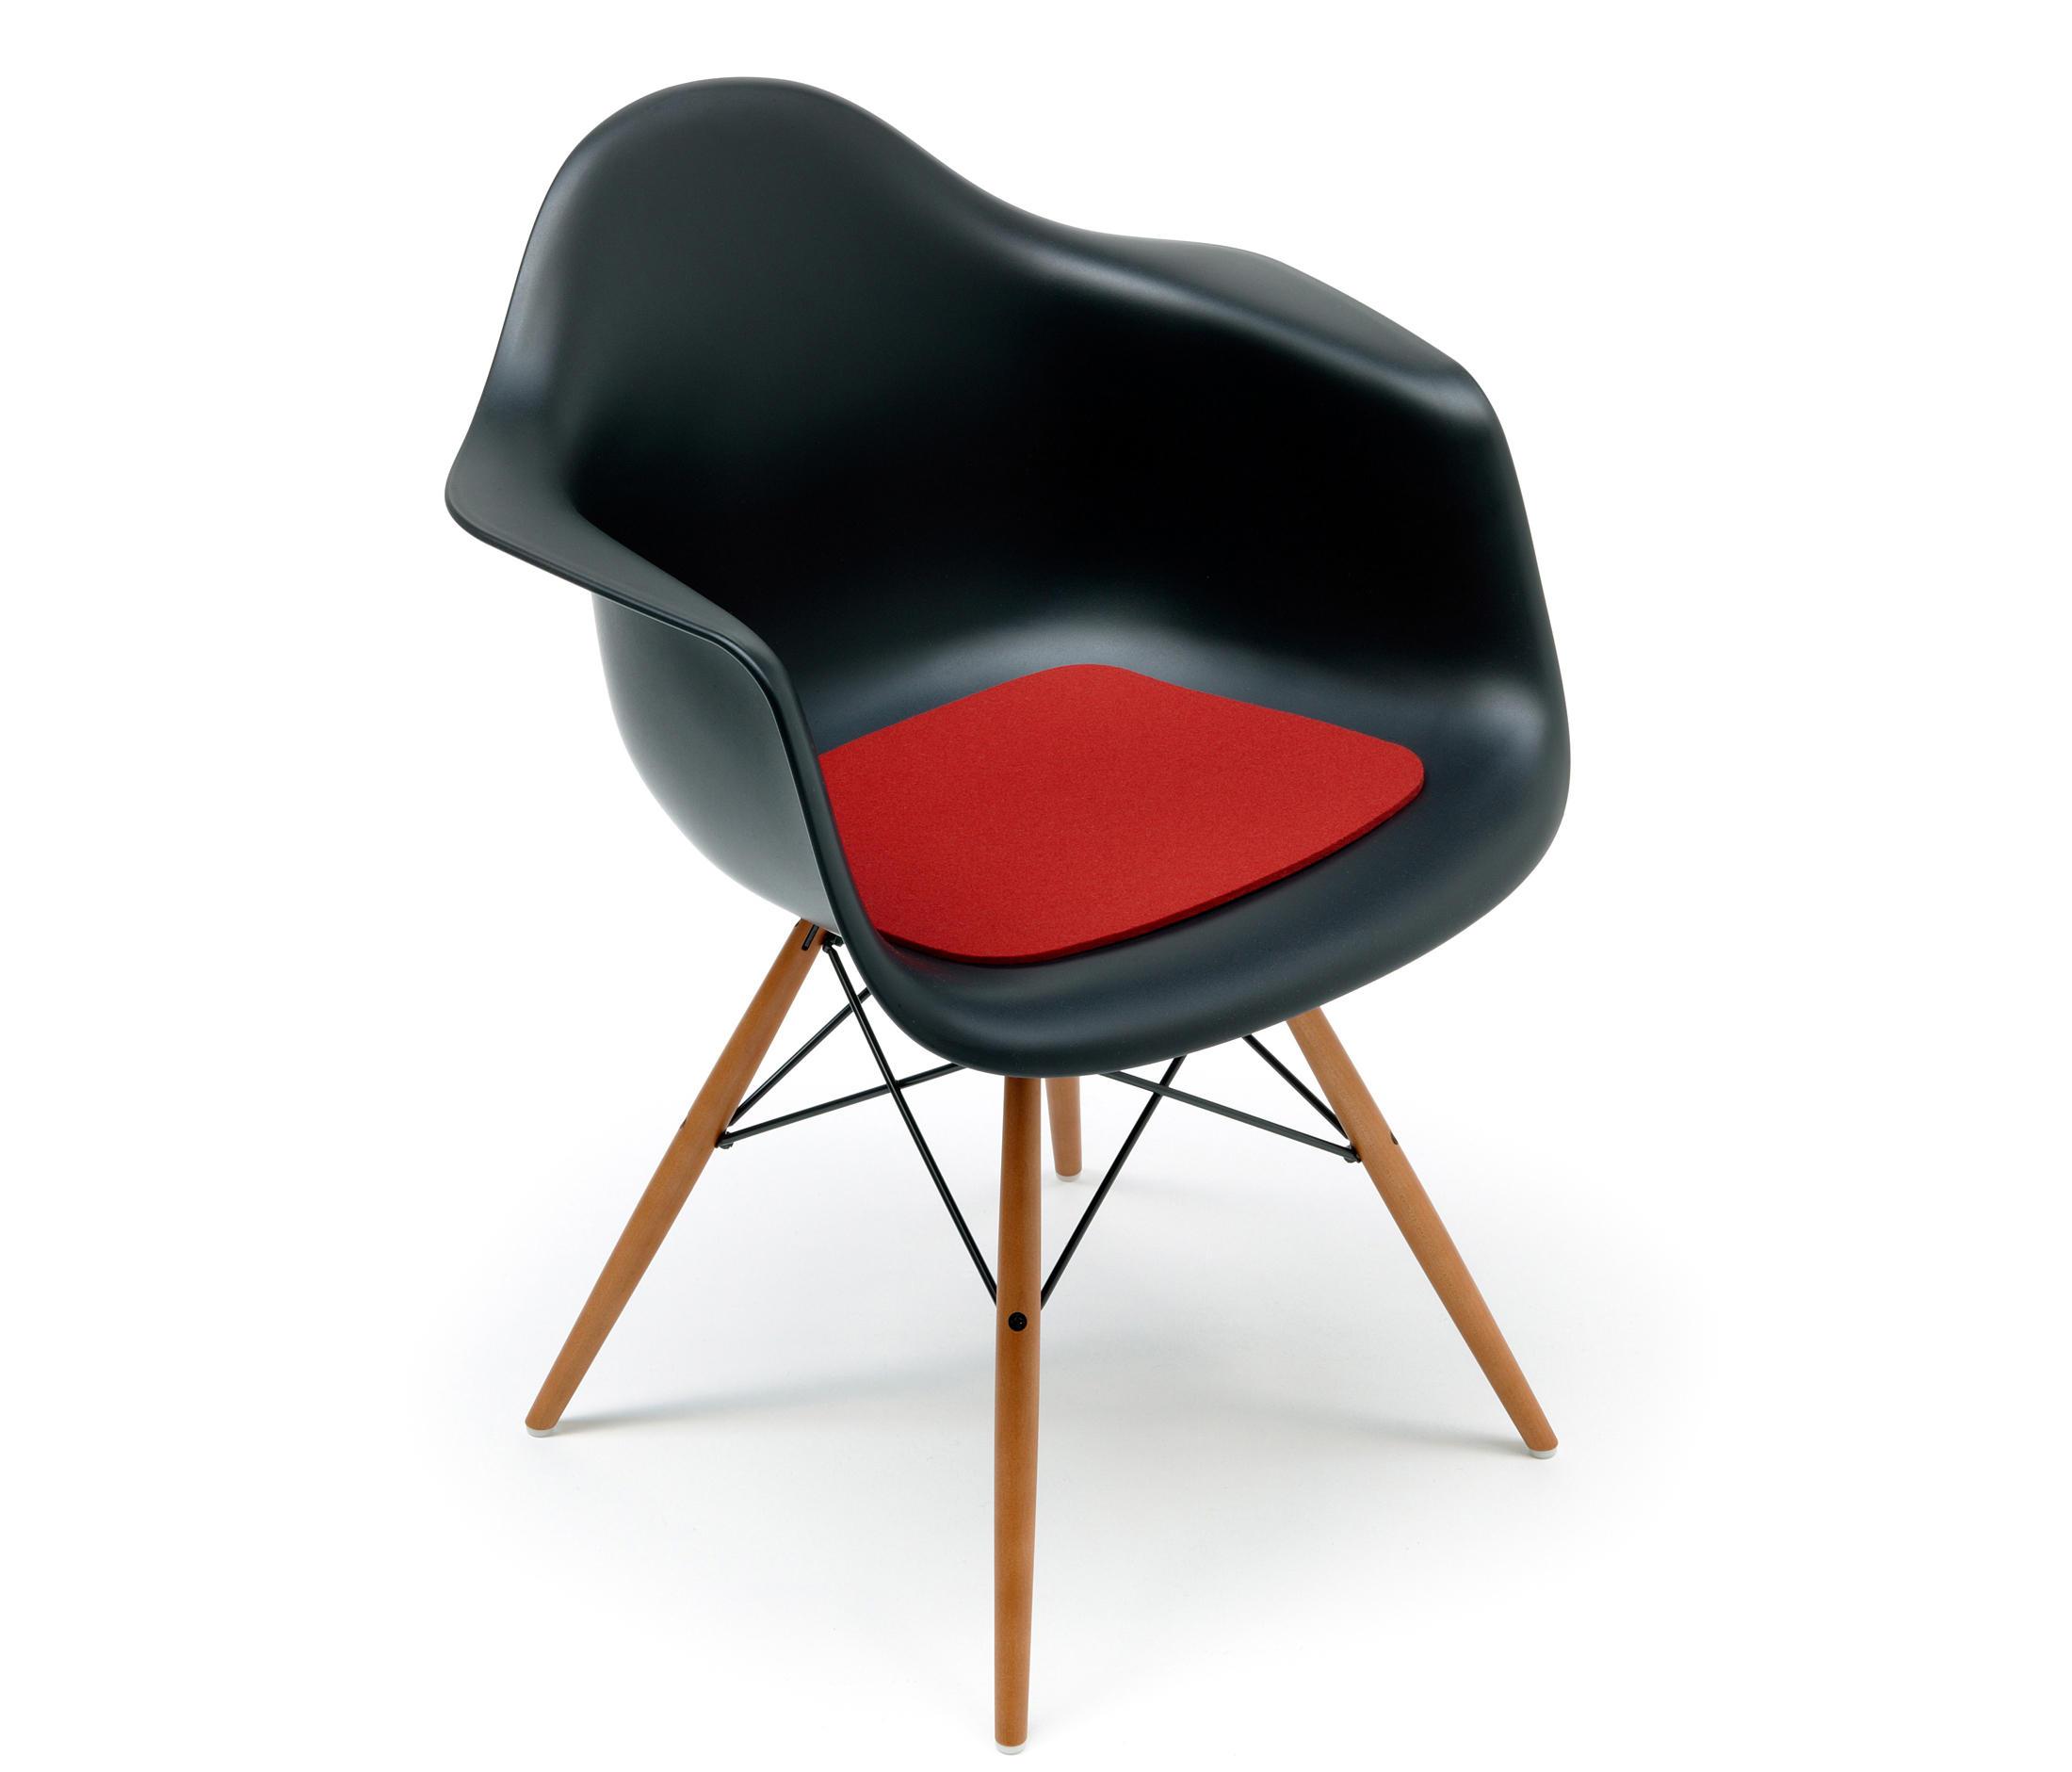 Seat Cushion Eames Plastic Arm Chair, Eames Side Chair Cushion